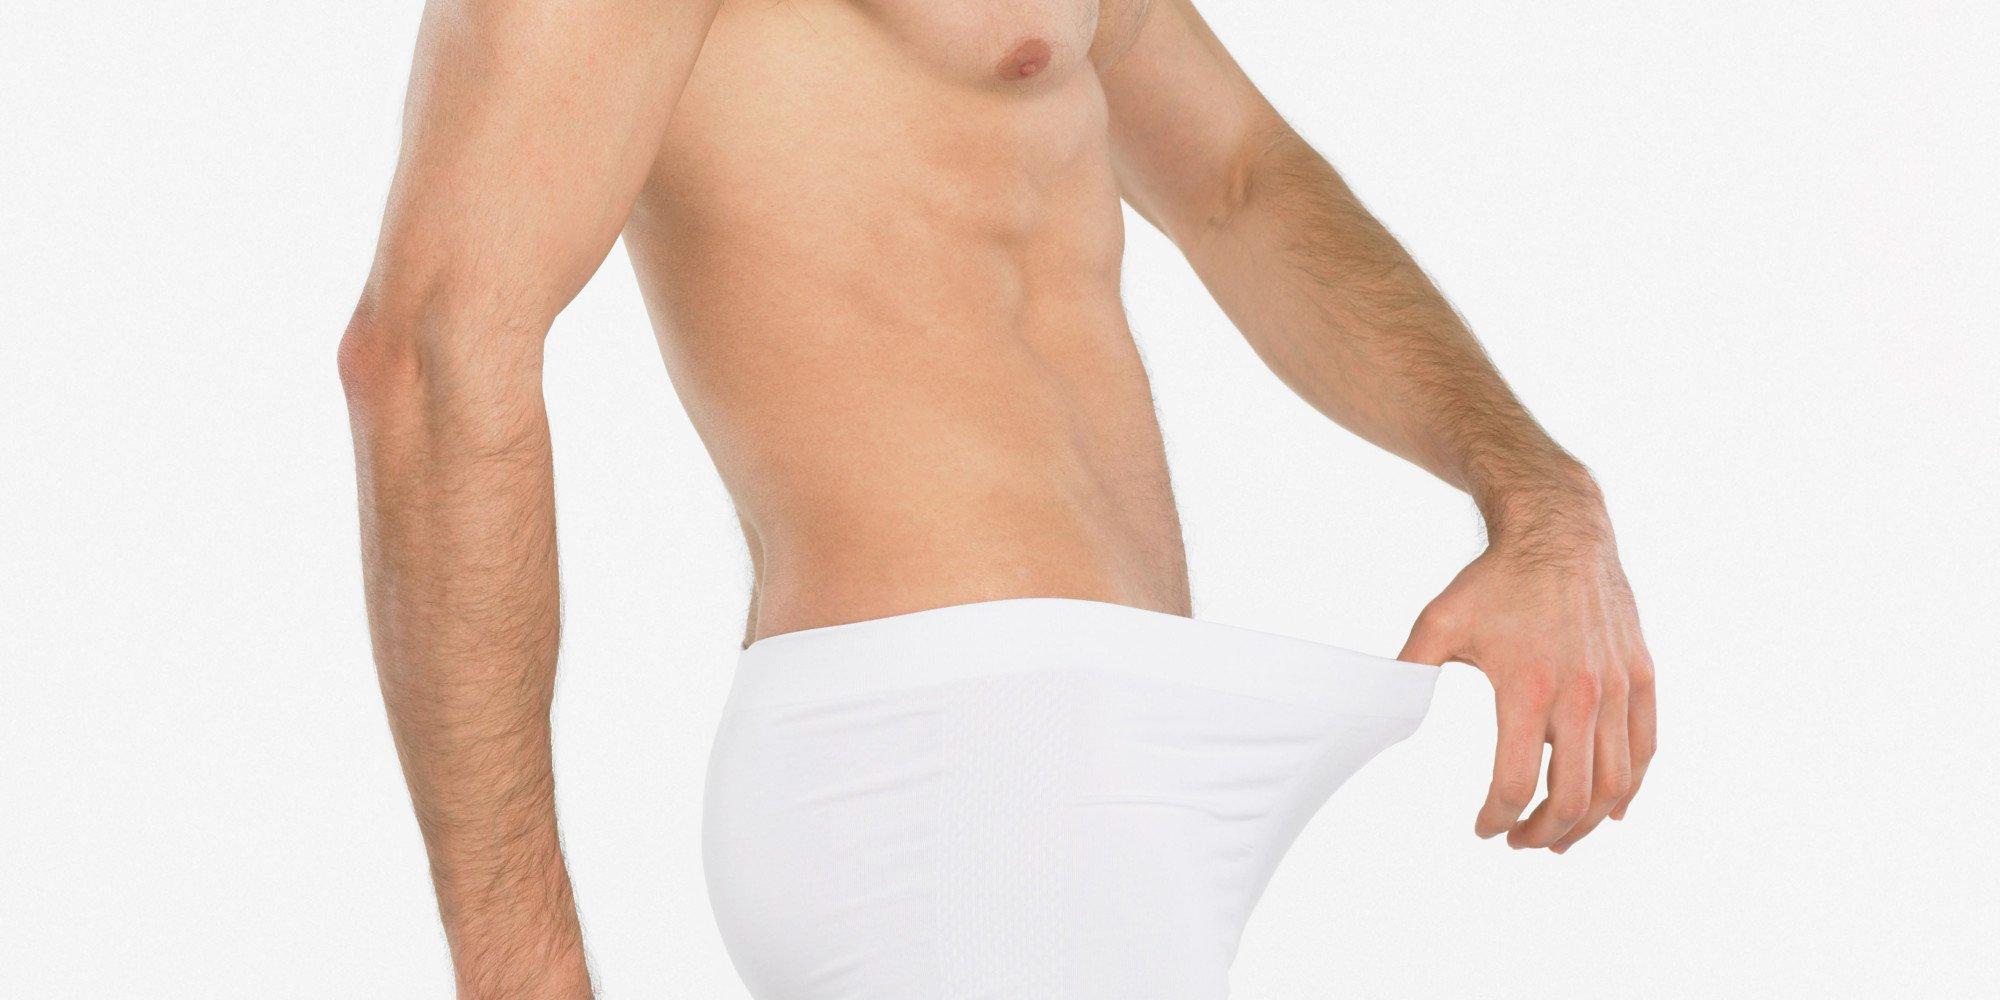 poate o erecție proastă din cauza prostatitei